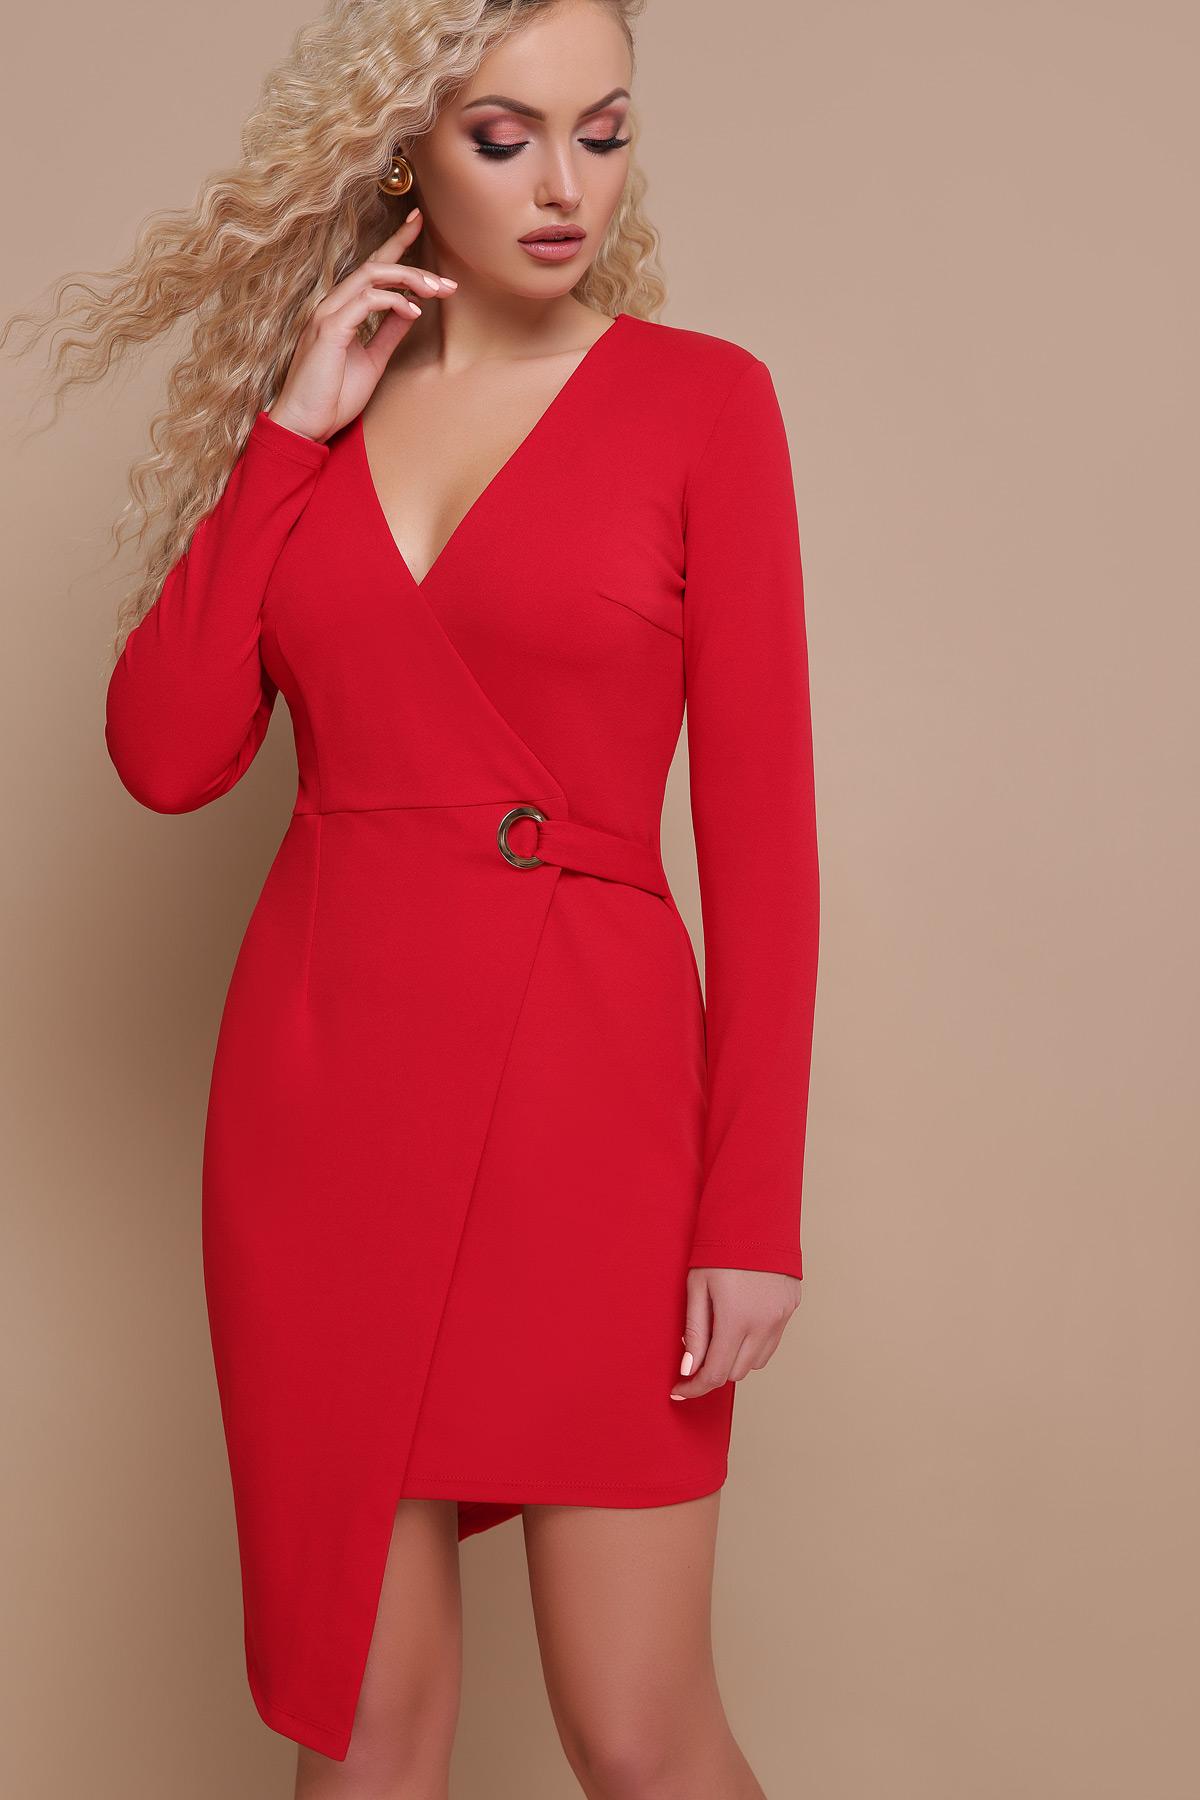 f03ea3a2648 красное платье с запахом. платье Виолетта д р. Цвет  красный